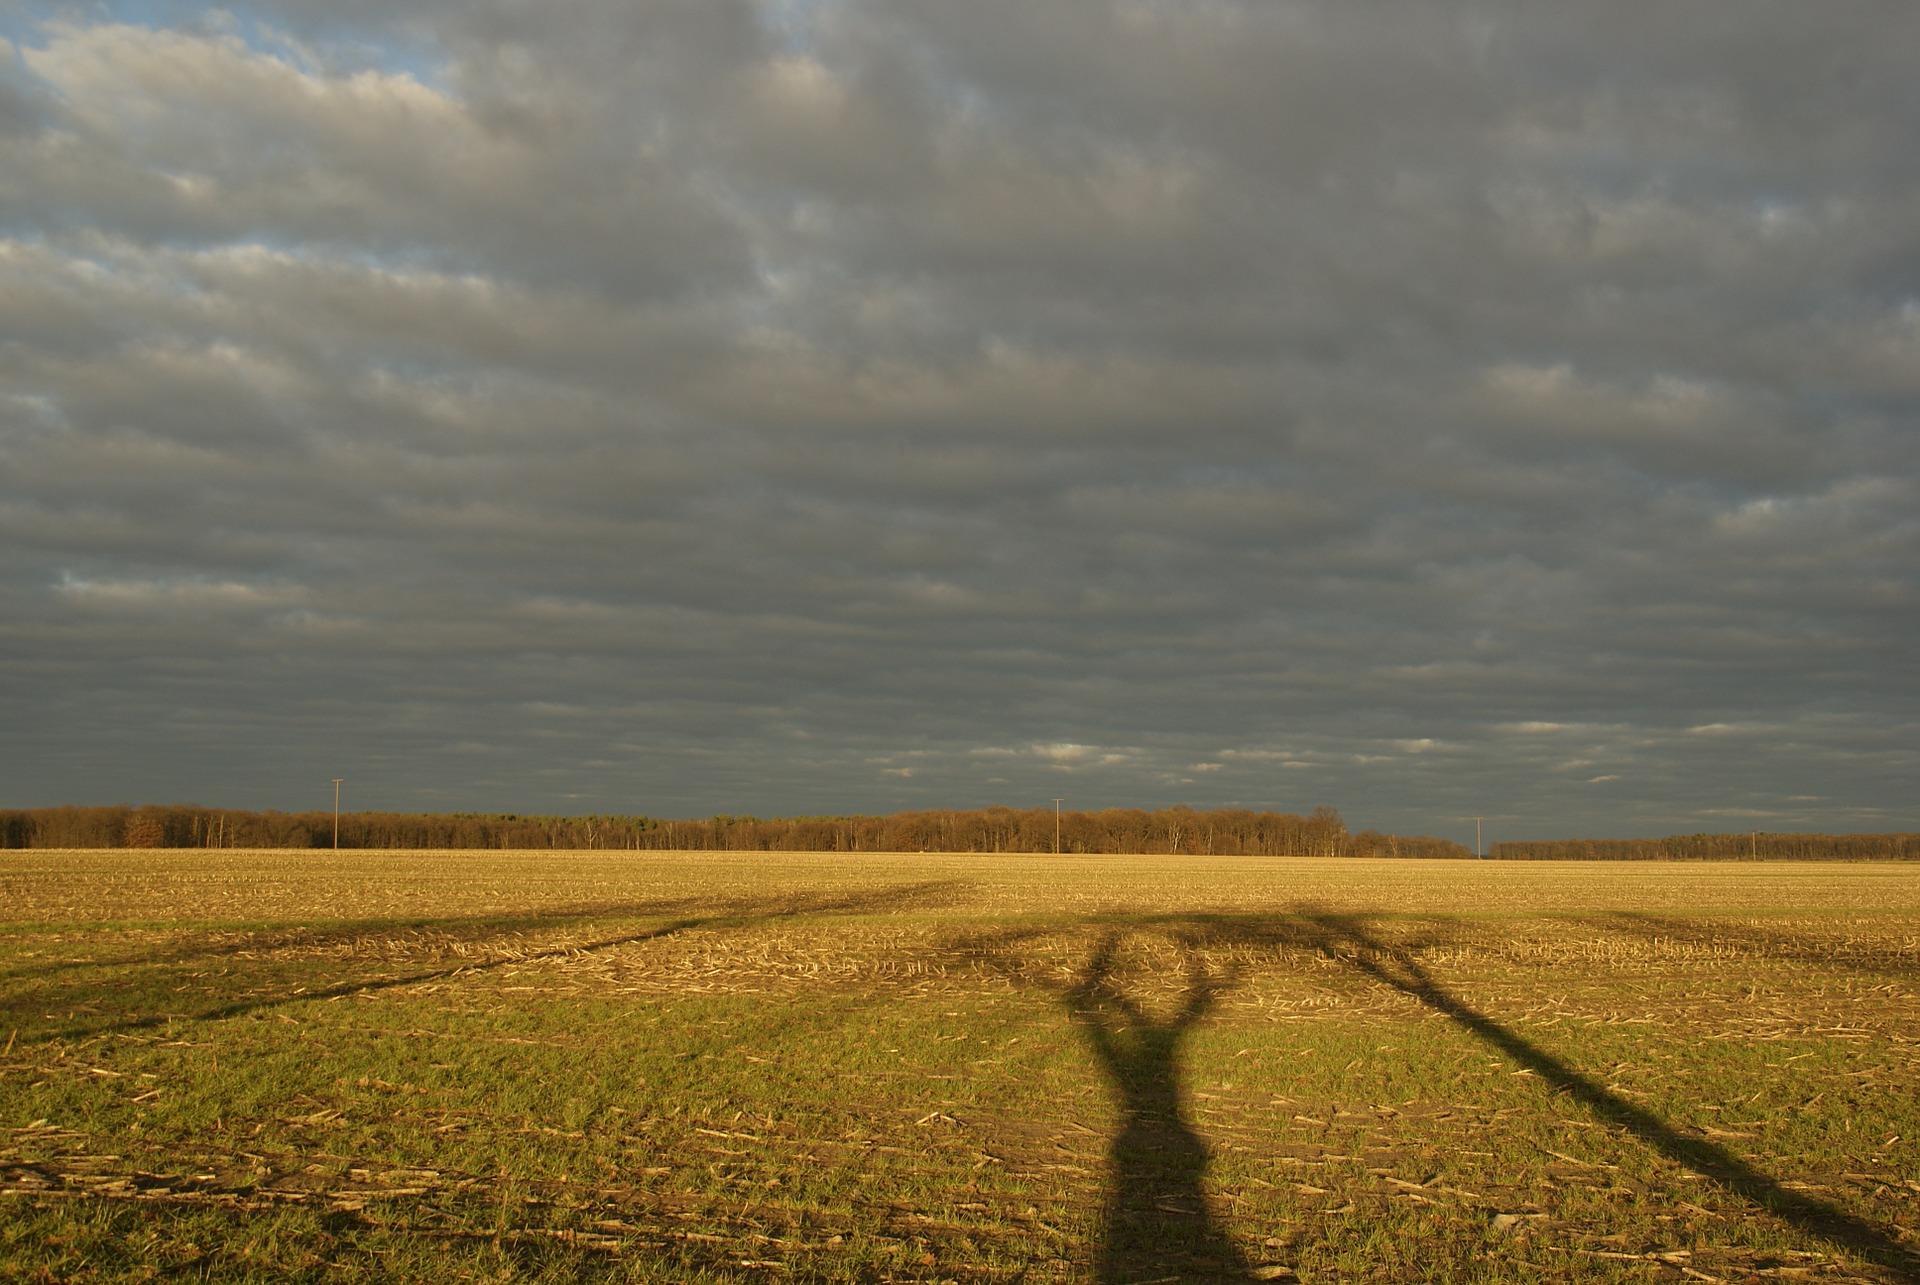 Gentechnisch verunreinigtes Saatgut – und die Unkenntnis des Landwirts